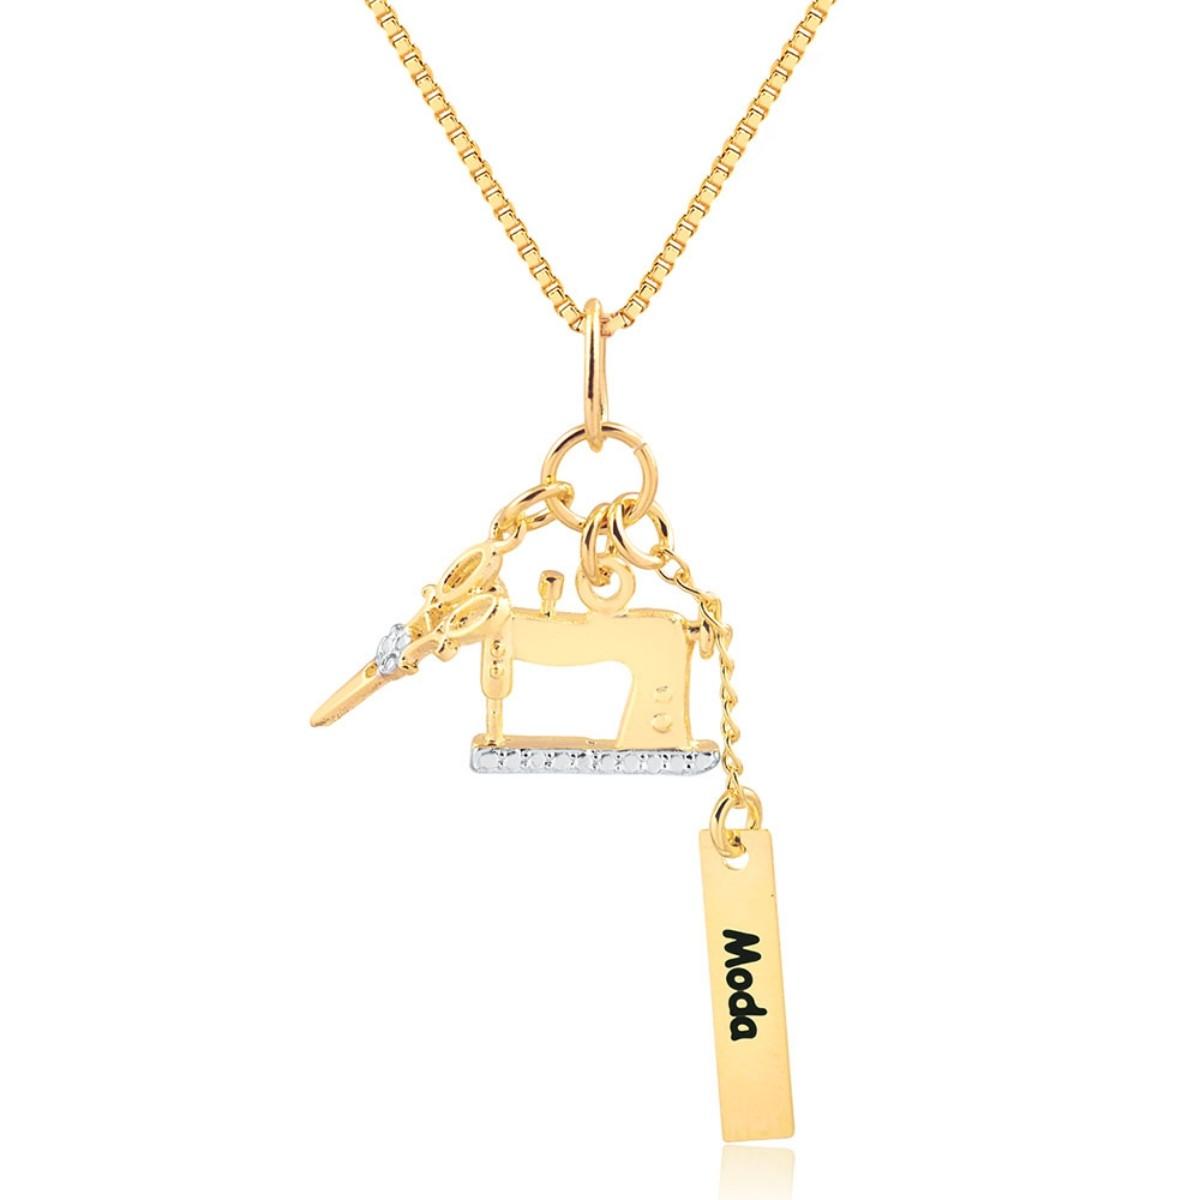 Colar Profissão Moda Semijoia Fina em Ouro 18K   - Soloyou